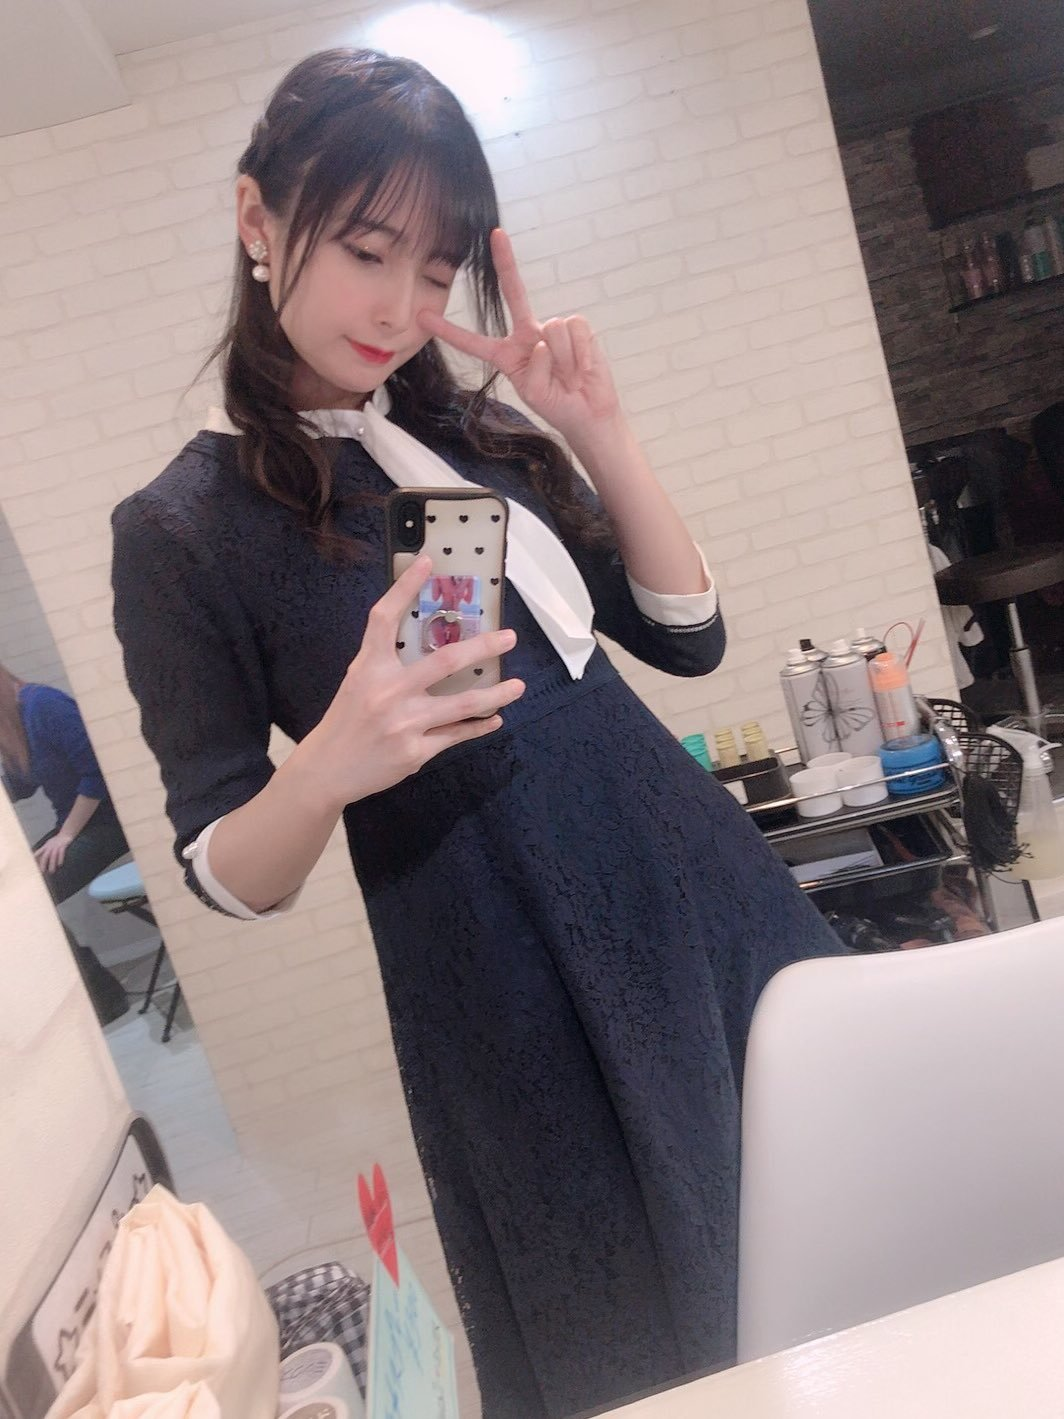 kawasaki__aya 1233752136309071873_p0